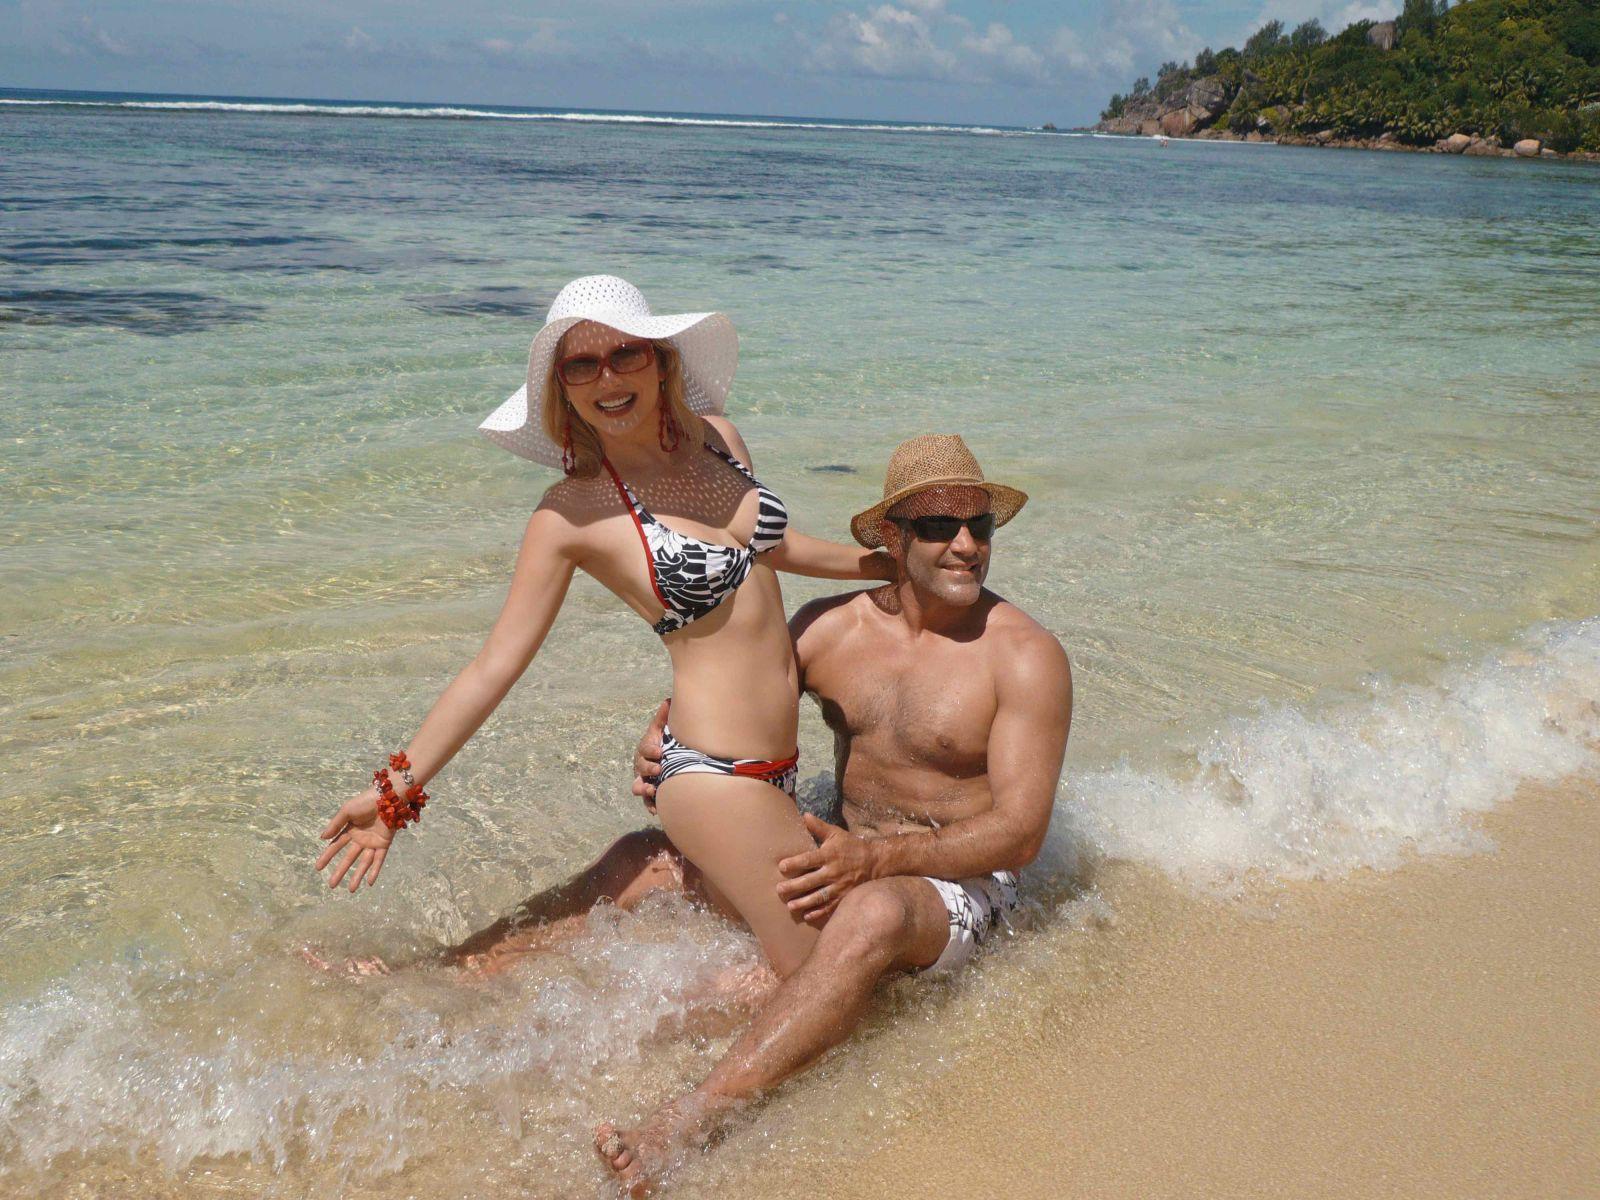 Тайные ласки мужа и жены на пляже 24 фотография